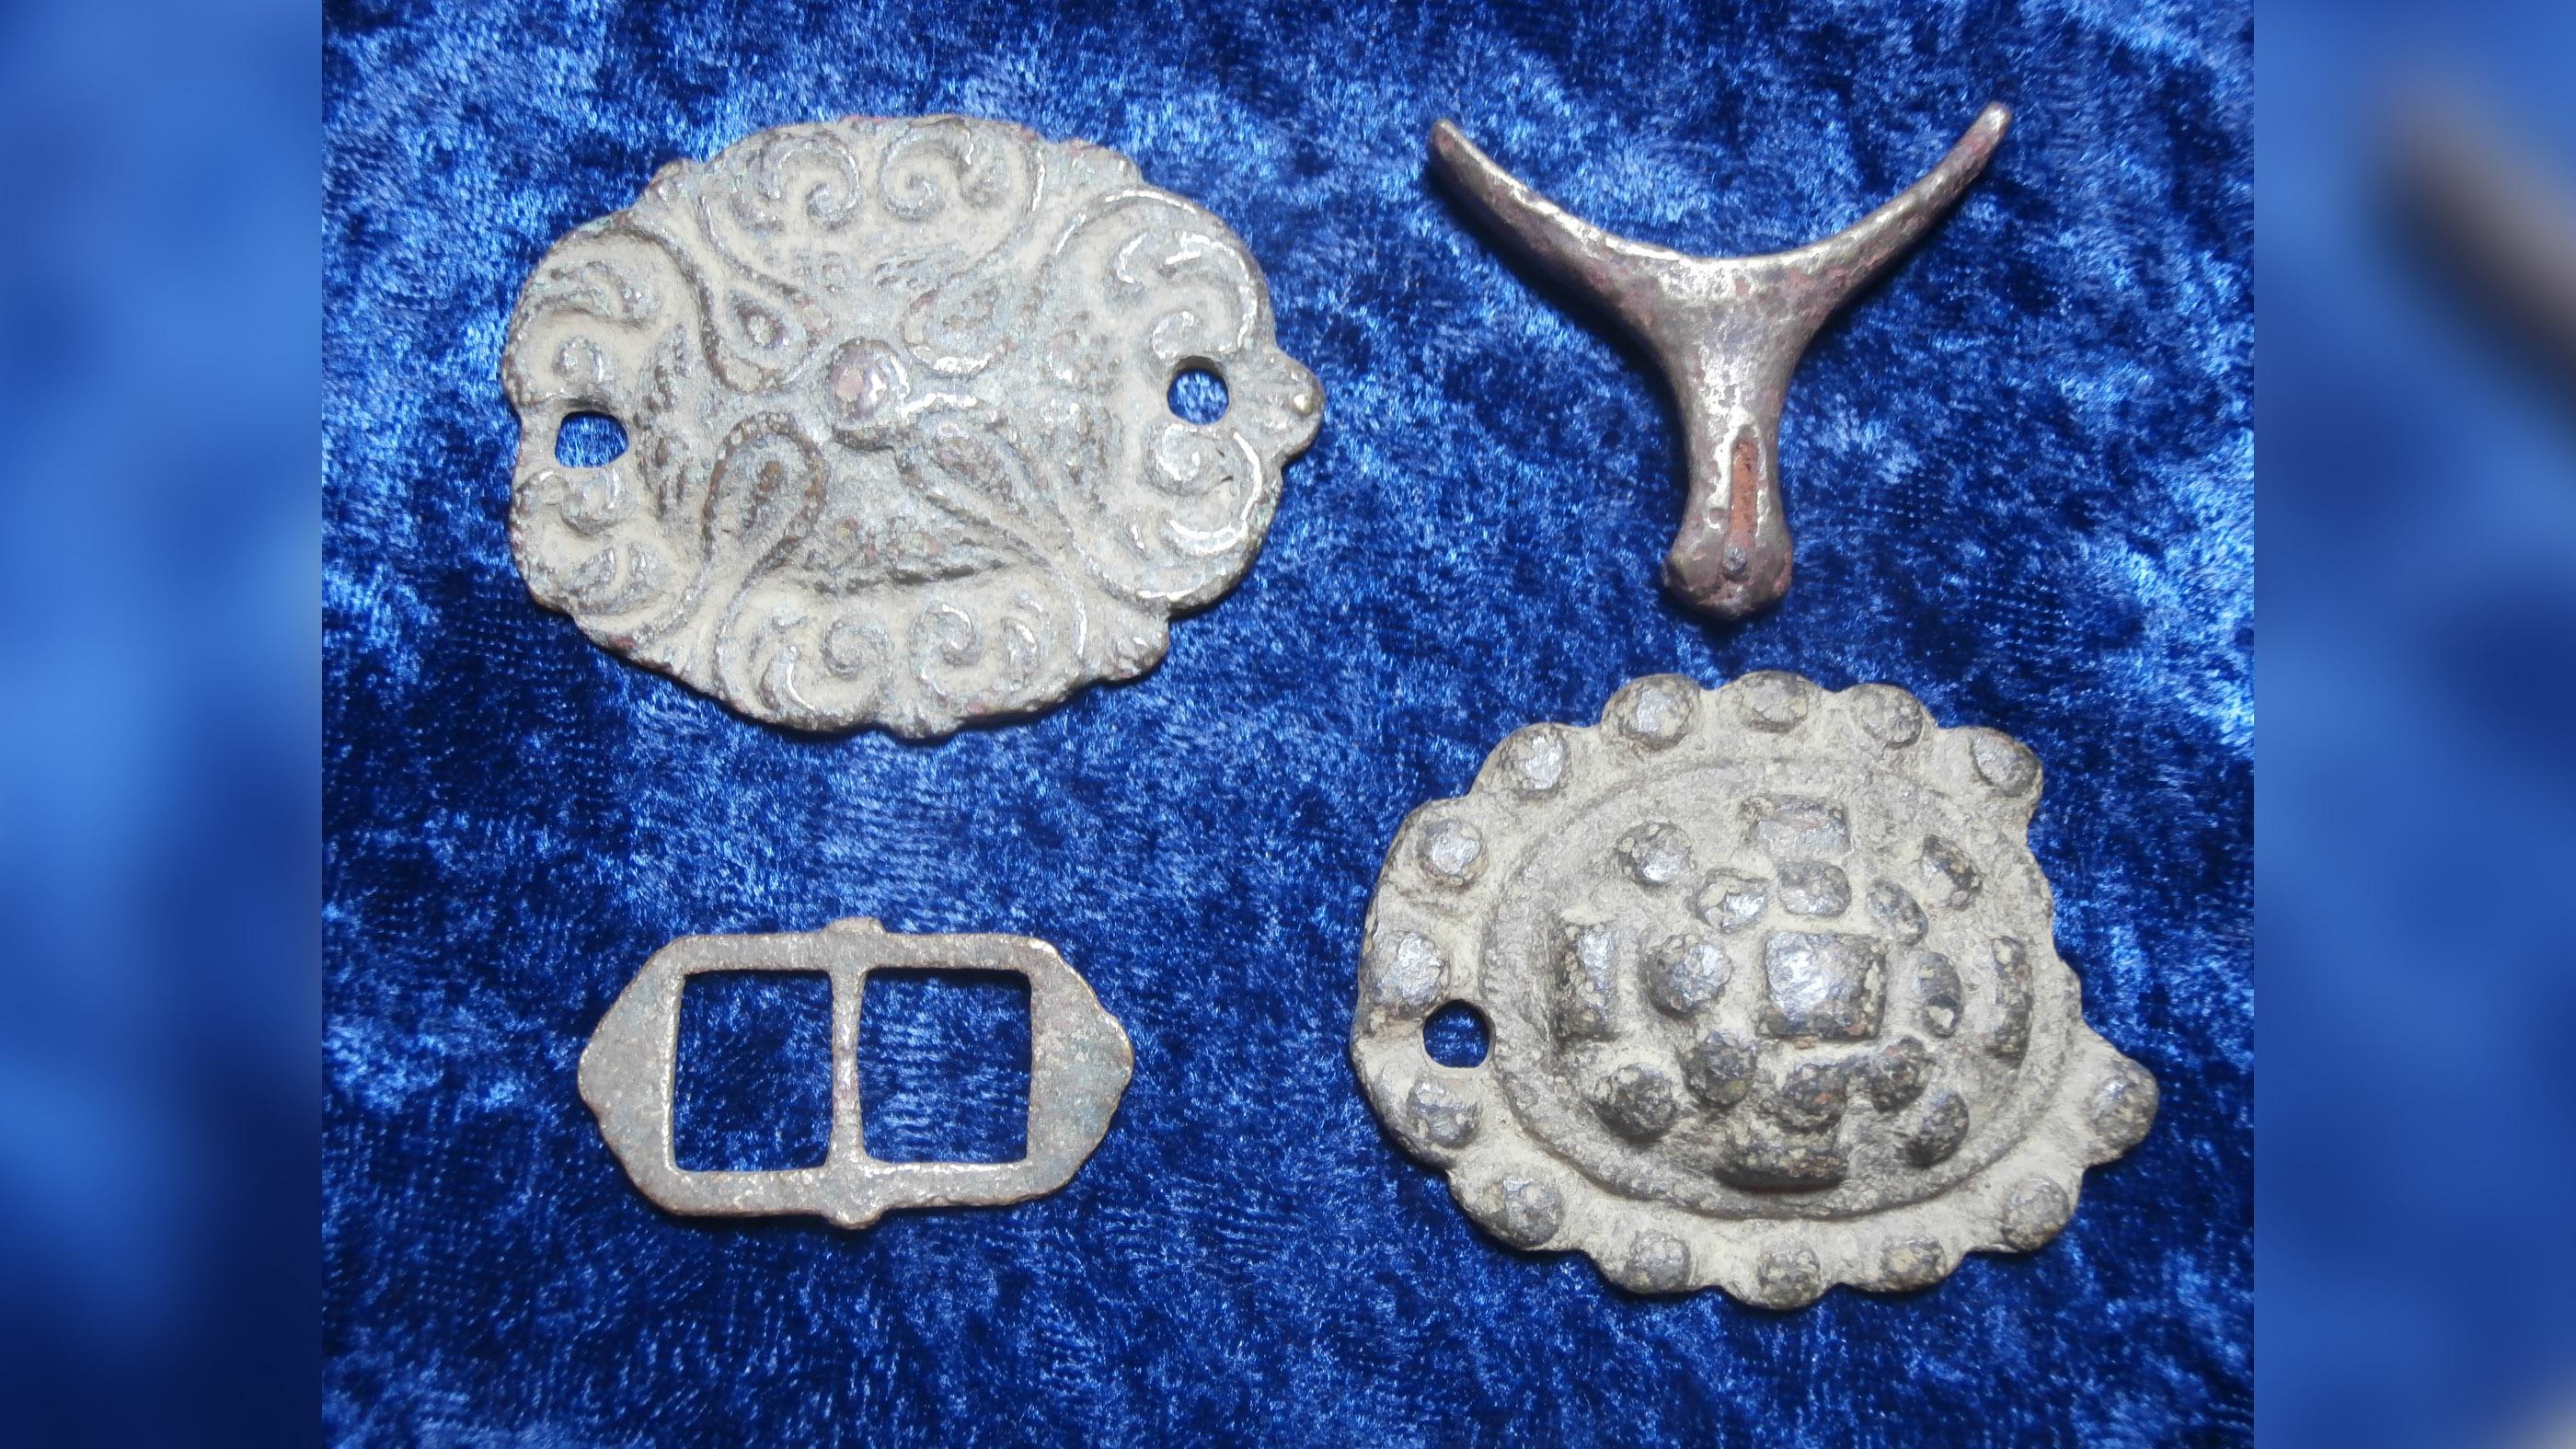 Bailey a déterré d'autres objets métalliques de la même période, y compris ces mors-bosses de la bride d'un cheval, une boucle pour un éperon et une partie d'un éperon lui-même.